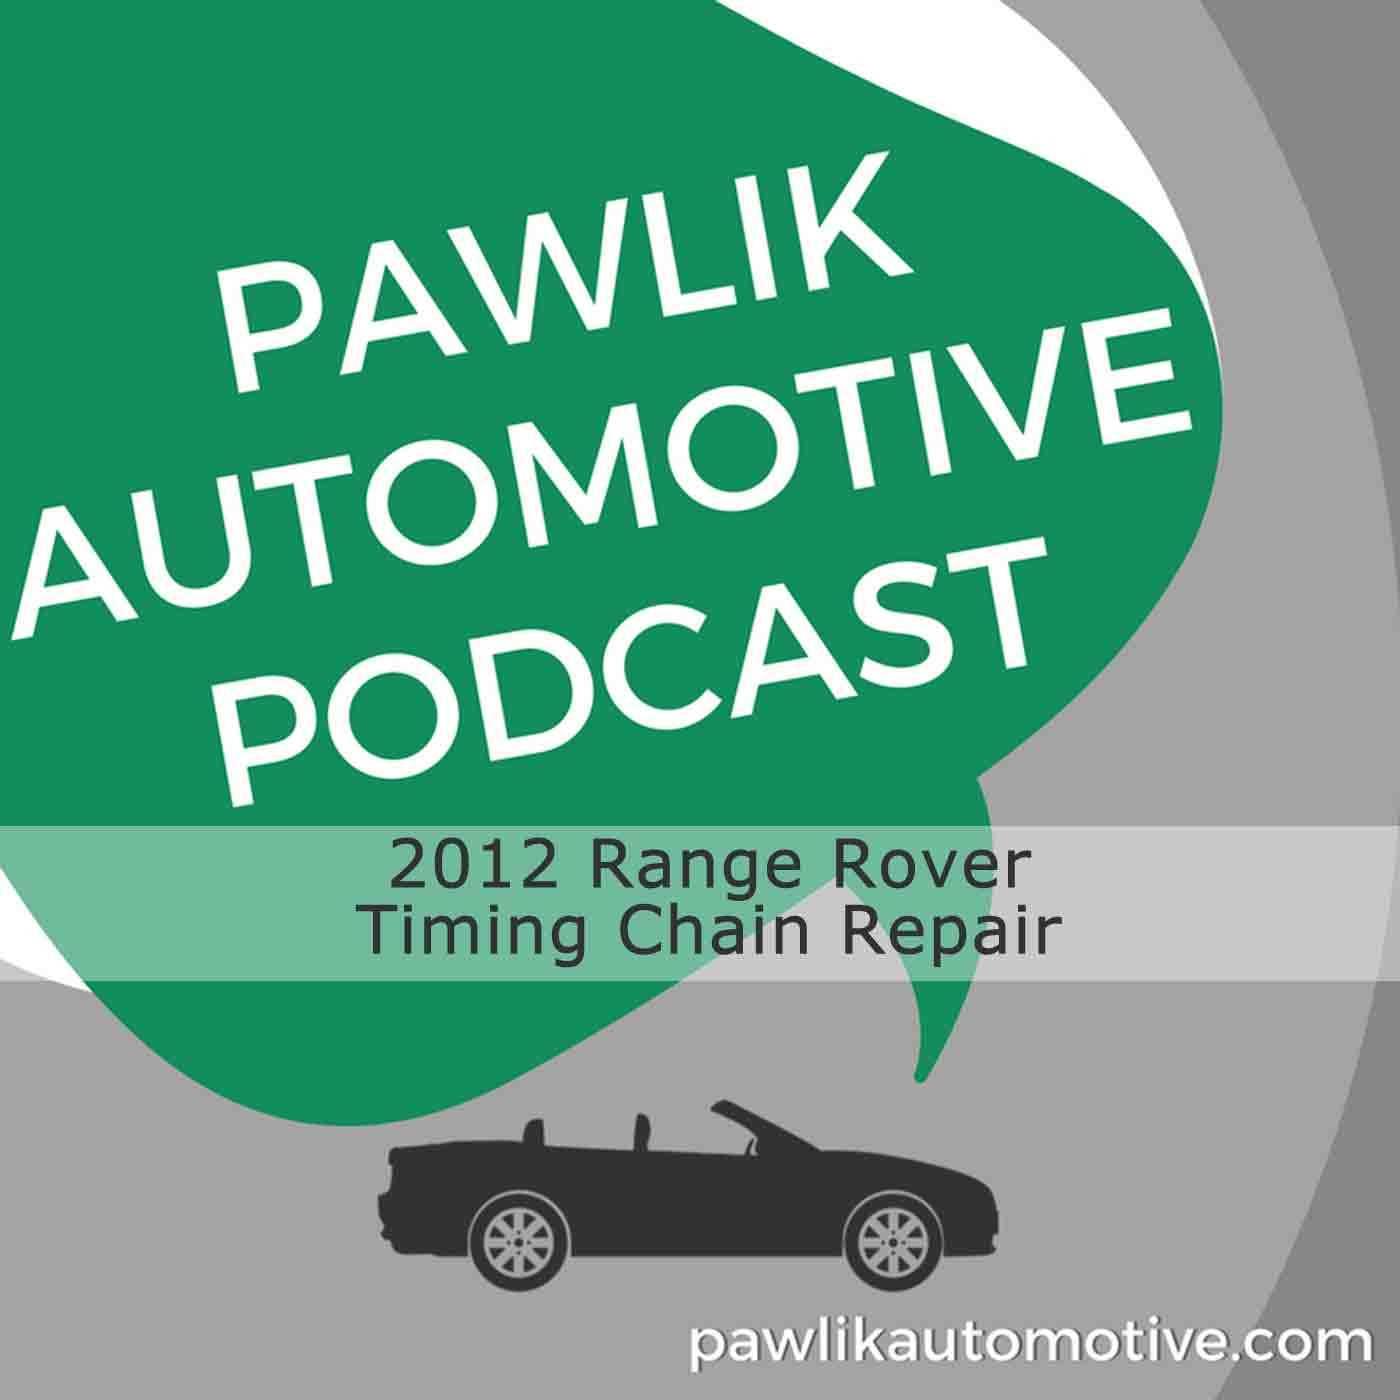 Artwork for 2012 Range Rover Timing Chain Repair